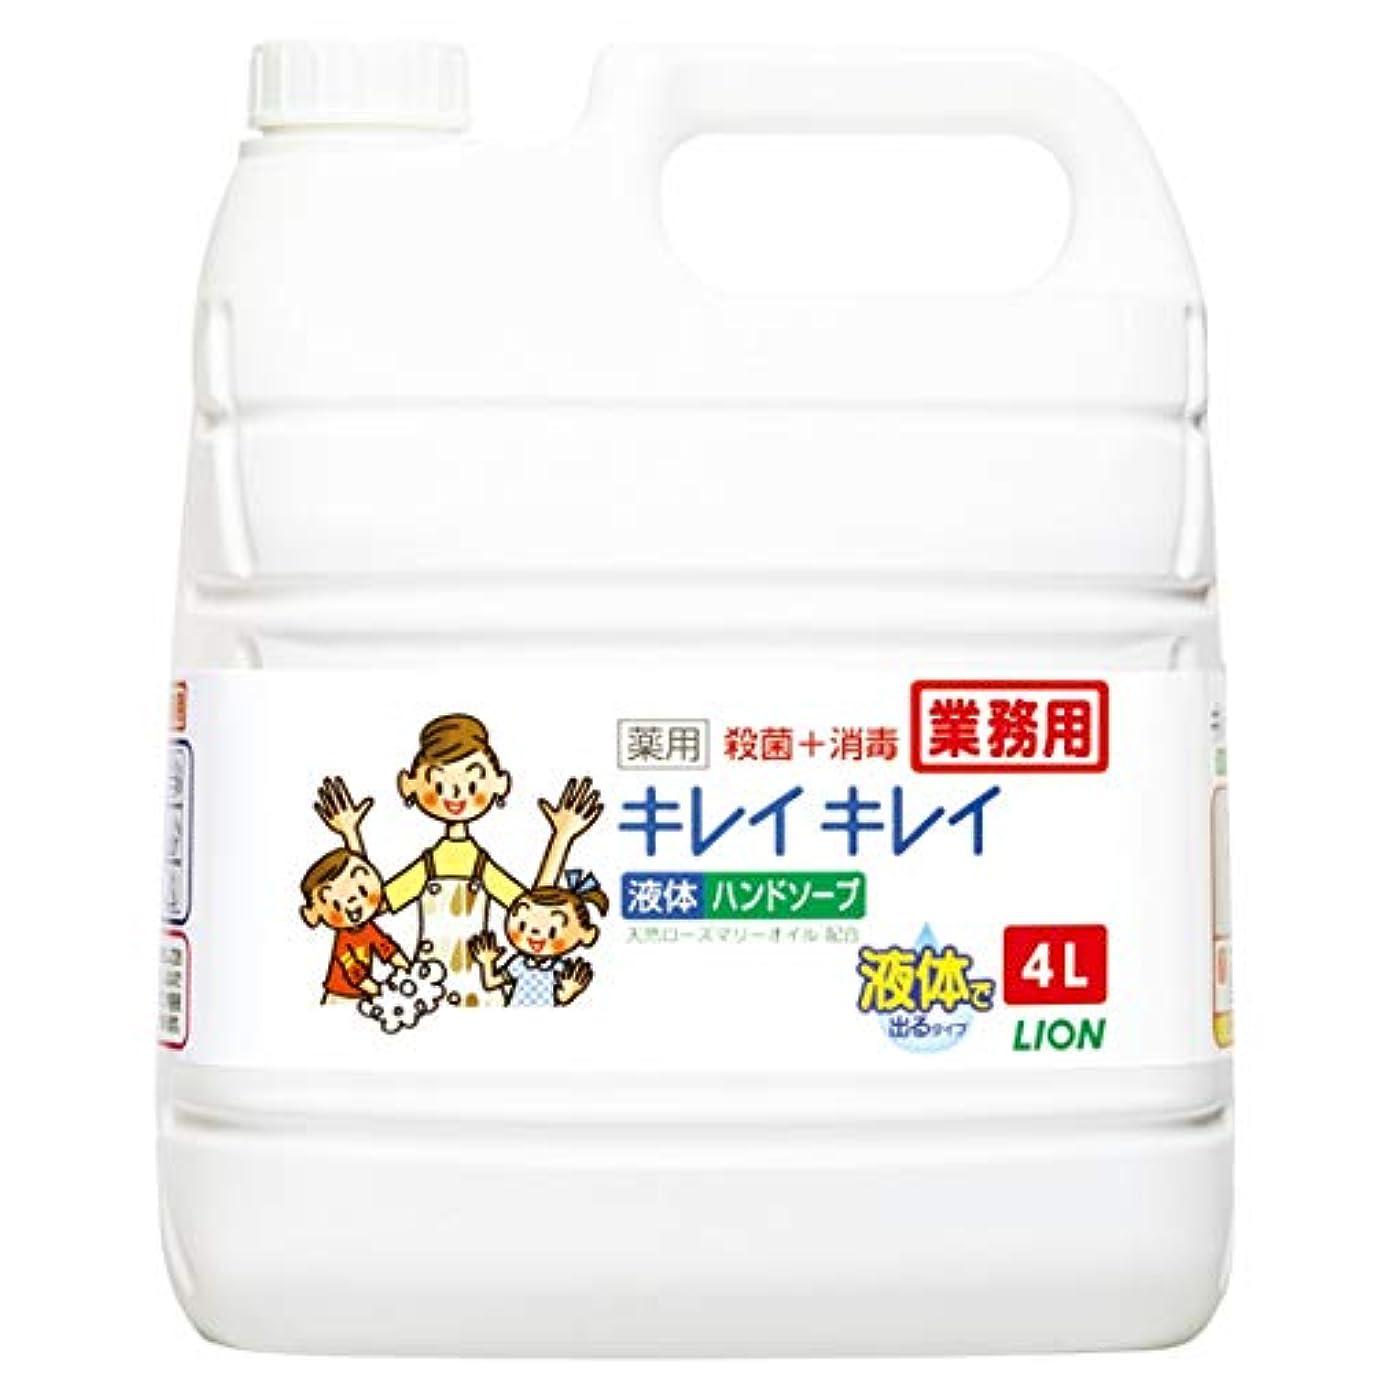 ボクシング石灰岩マトリックス【業務用 大容量】キレイキレイ 薬用 ハンドソープ  4L(医薬部外品)